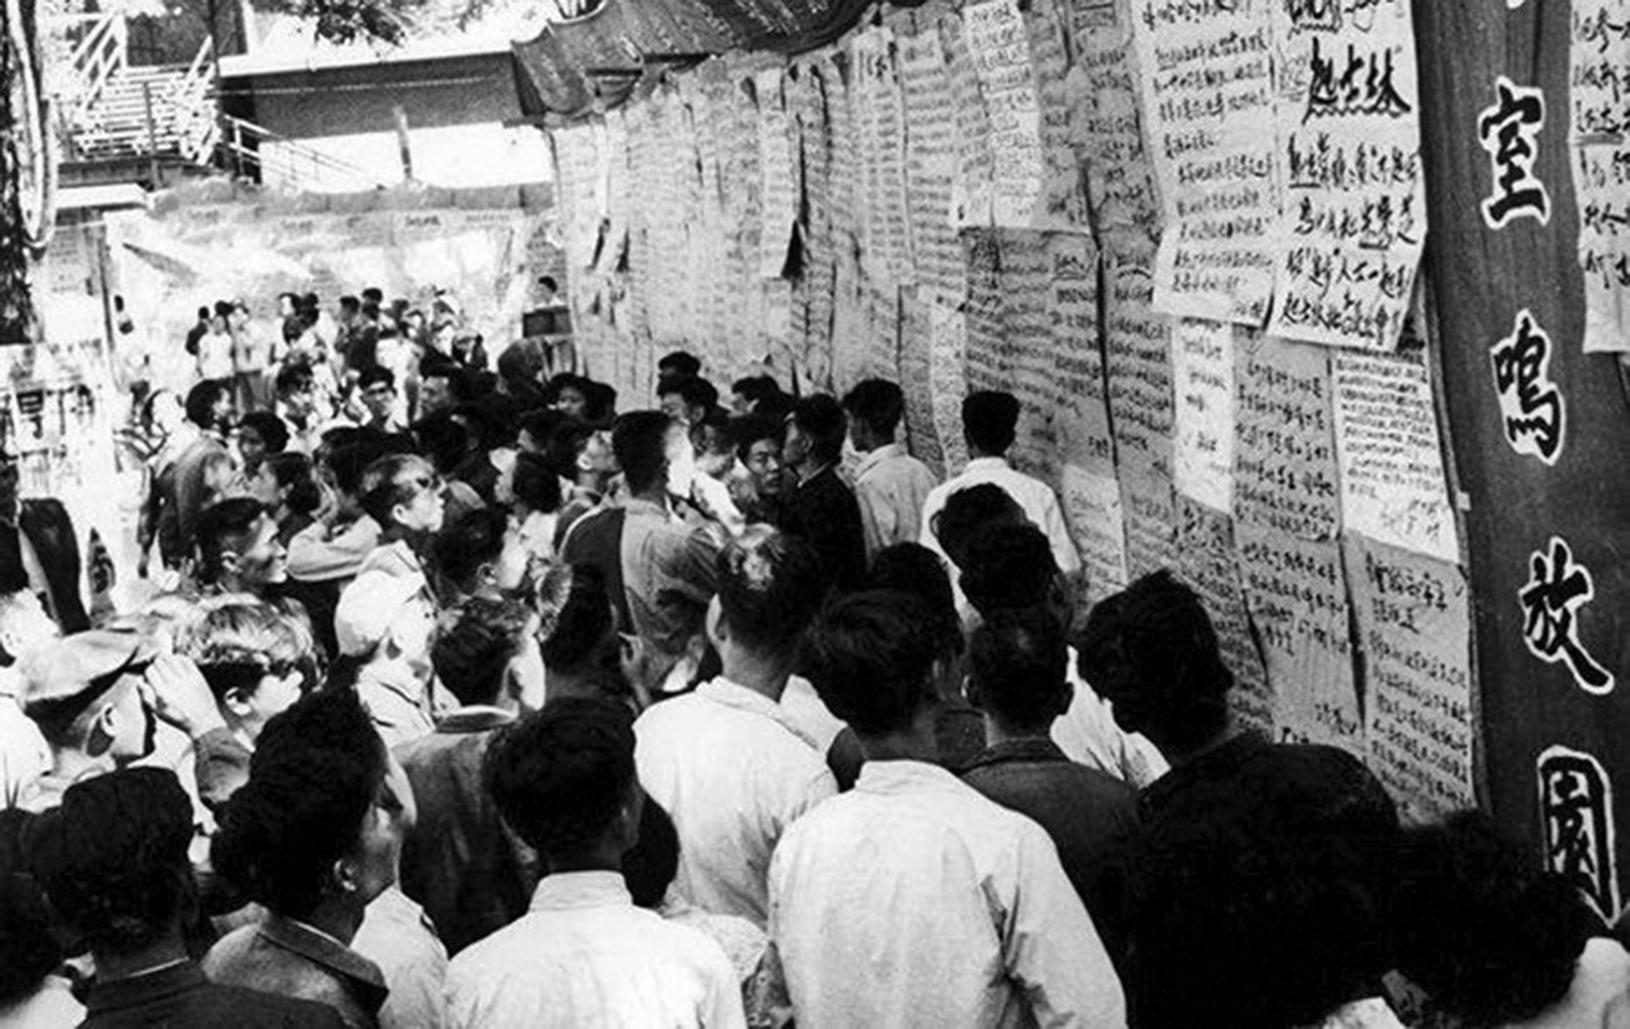 1957年夏天,席捲全國的「反右鬥爭」,使中華民族三百萬知識精英遭到了殘酷的迫害,各地看守所、監獄人滿為患。(網絡圖片)